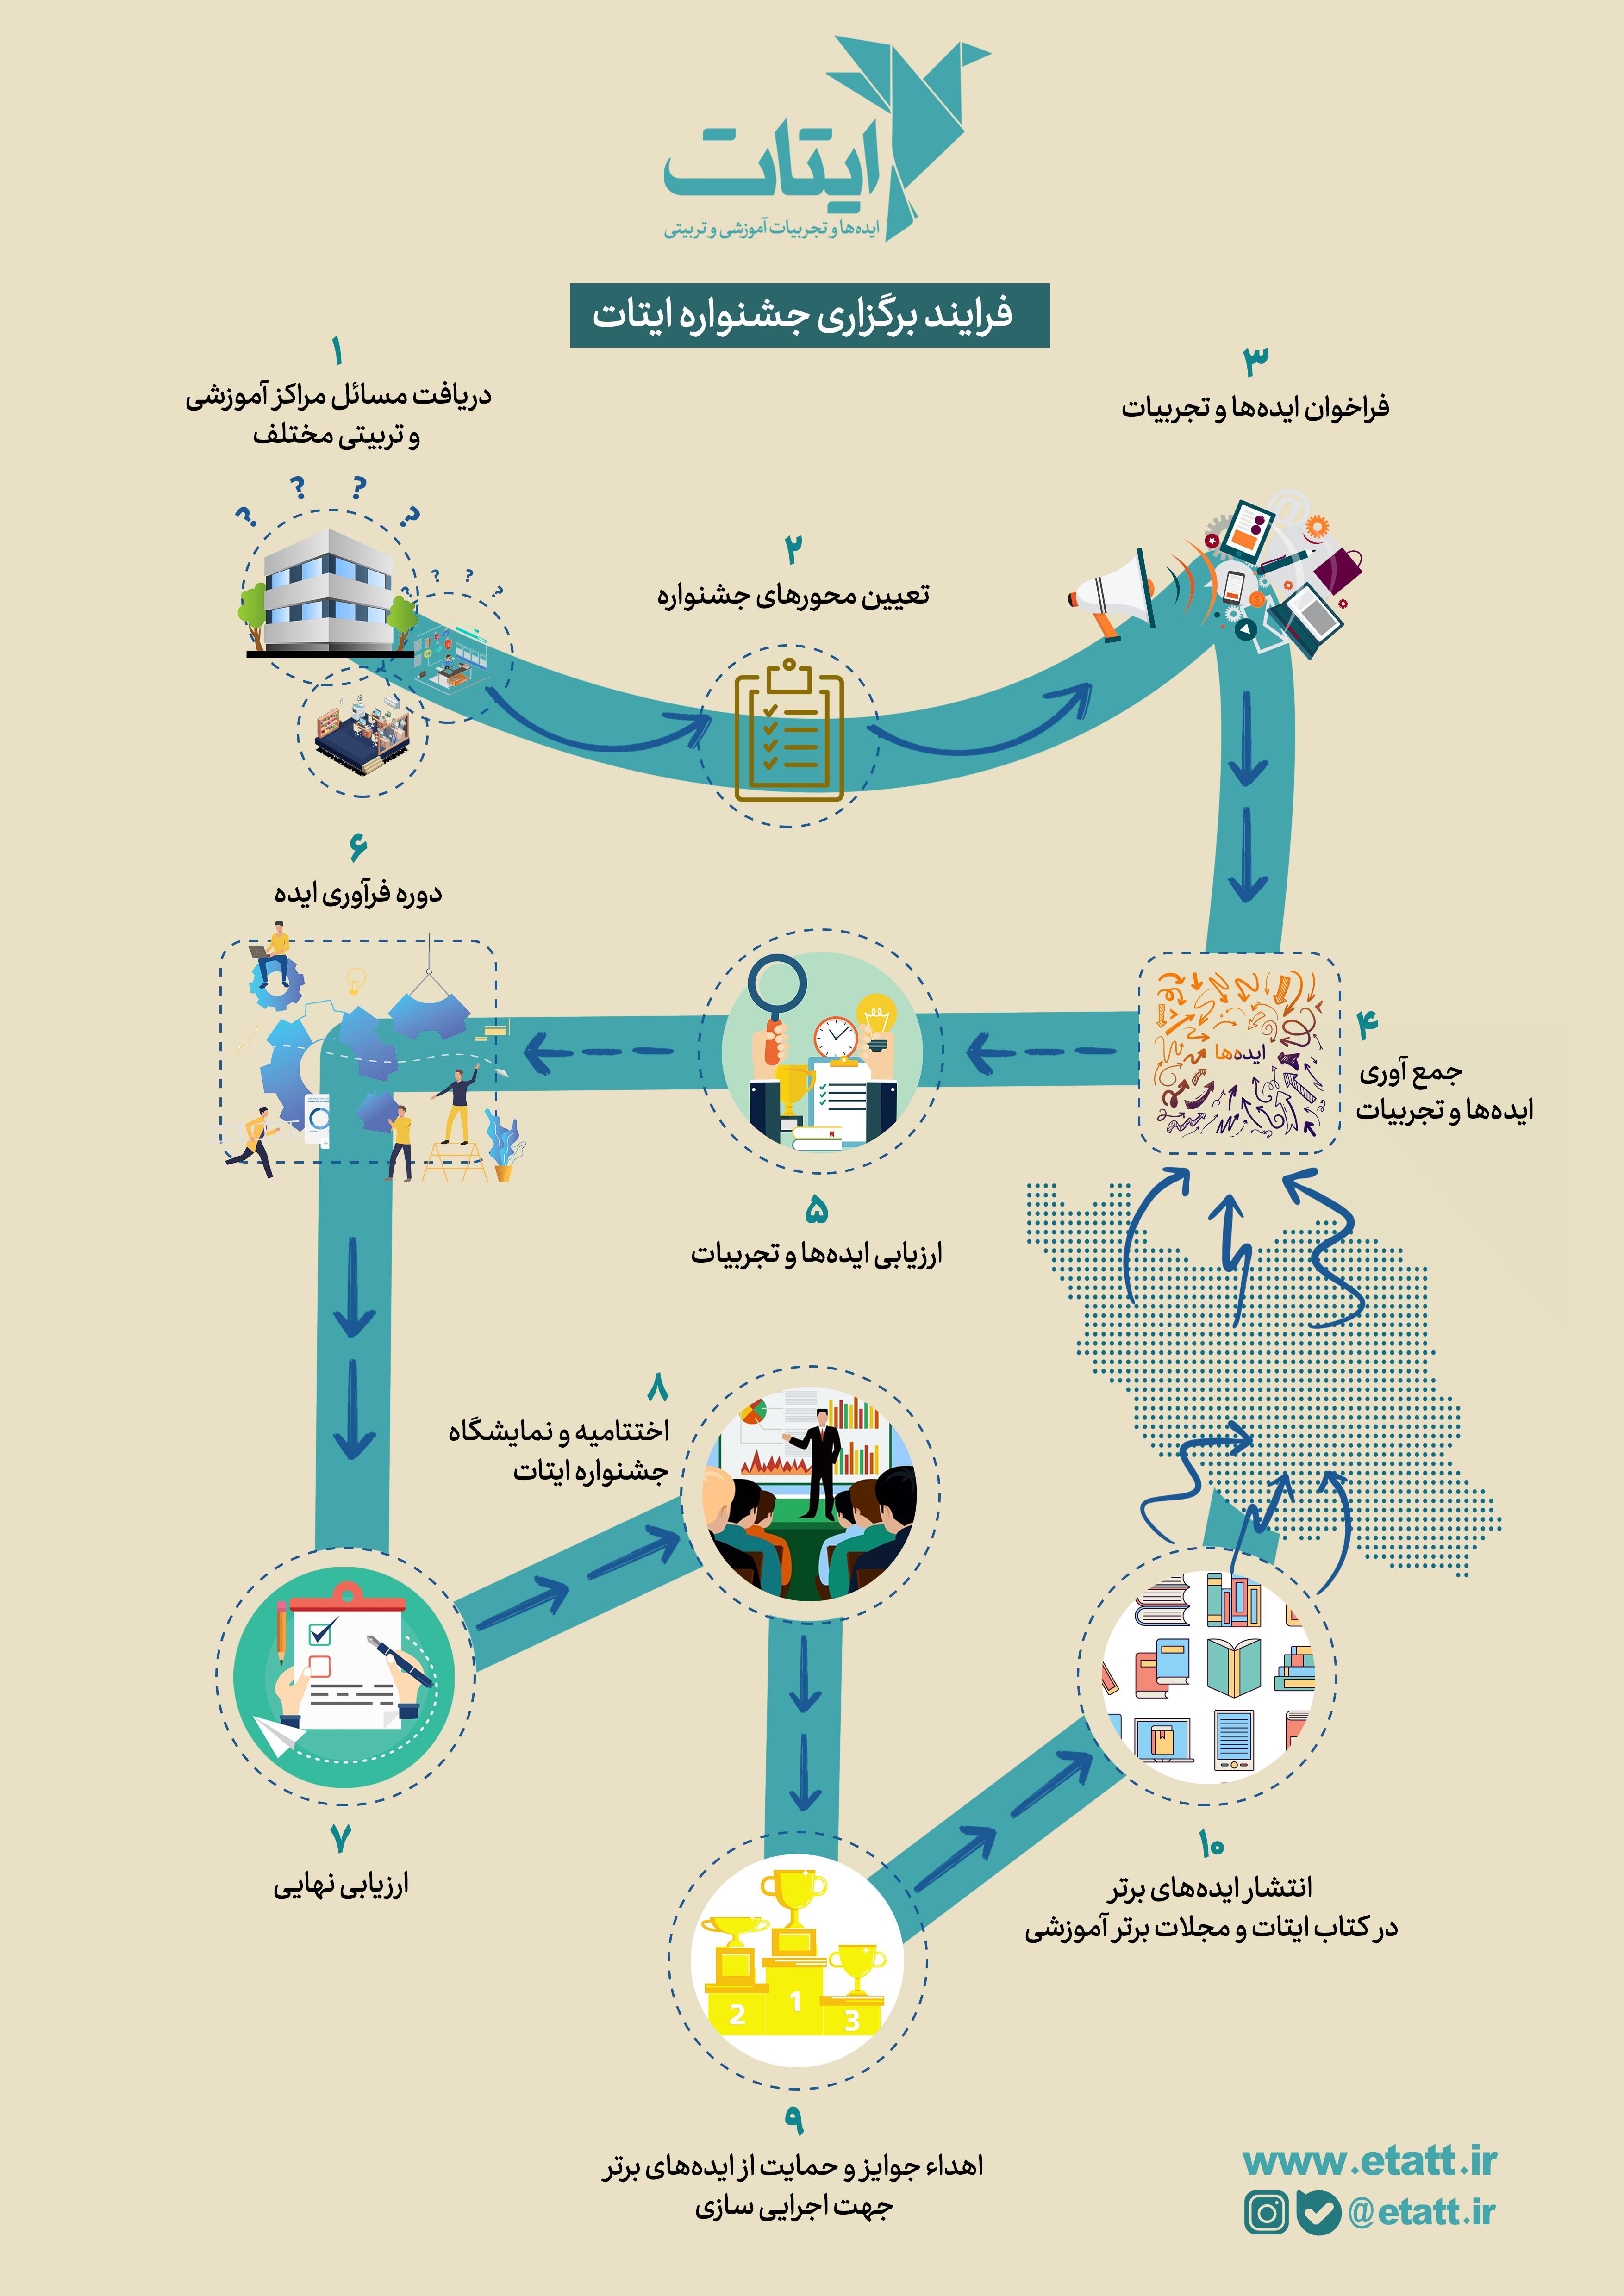 مراحل شرکت در جشنواره ایتات